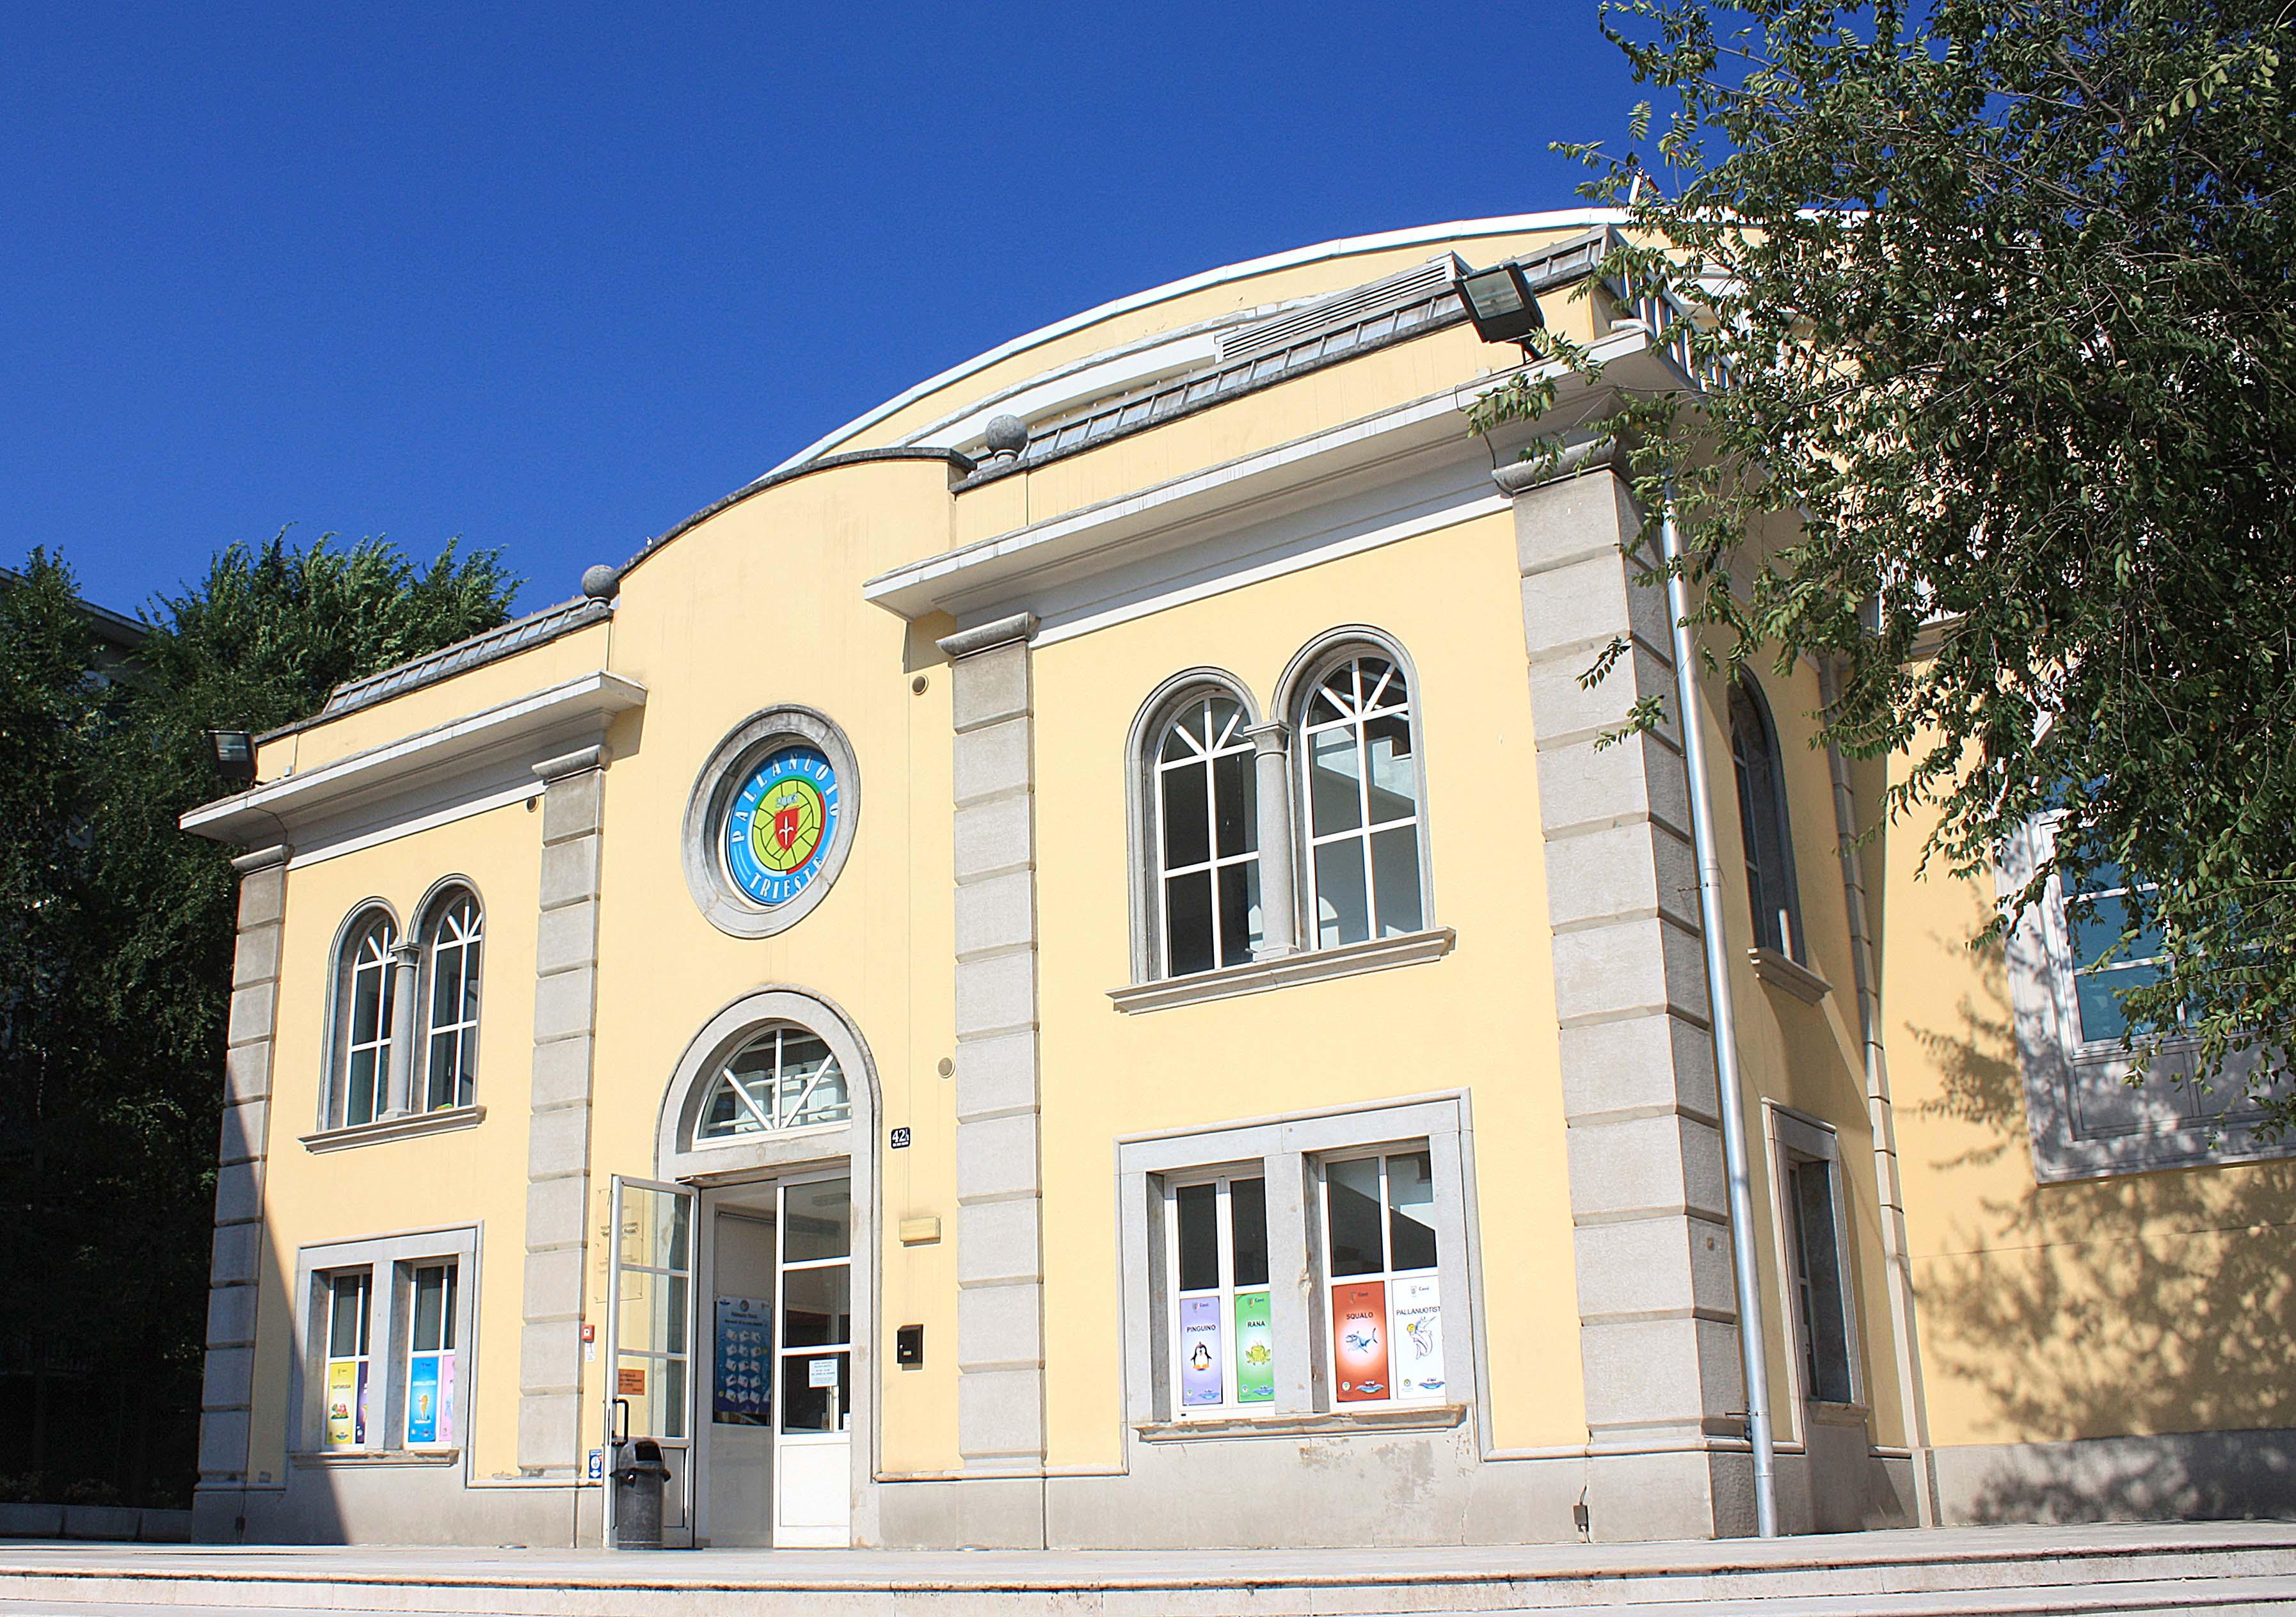 L'Open Day della Piscina di San Giovanni. Sabato 17 settembre, con inizio alle ore 9.30, le prove gratuite per tante discipline del fitness